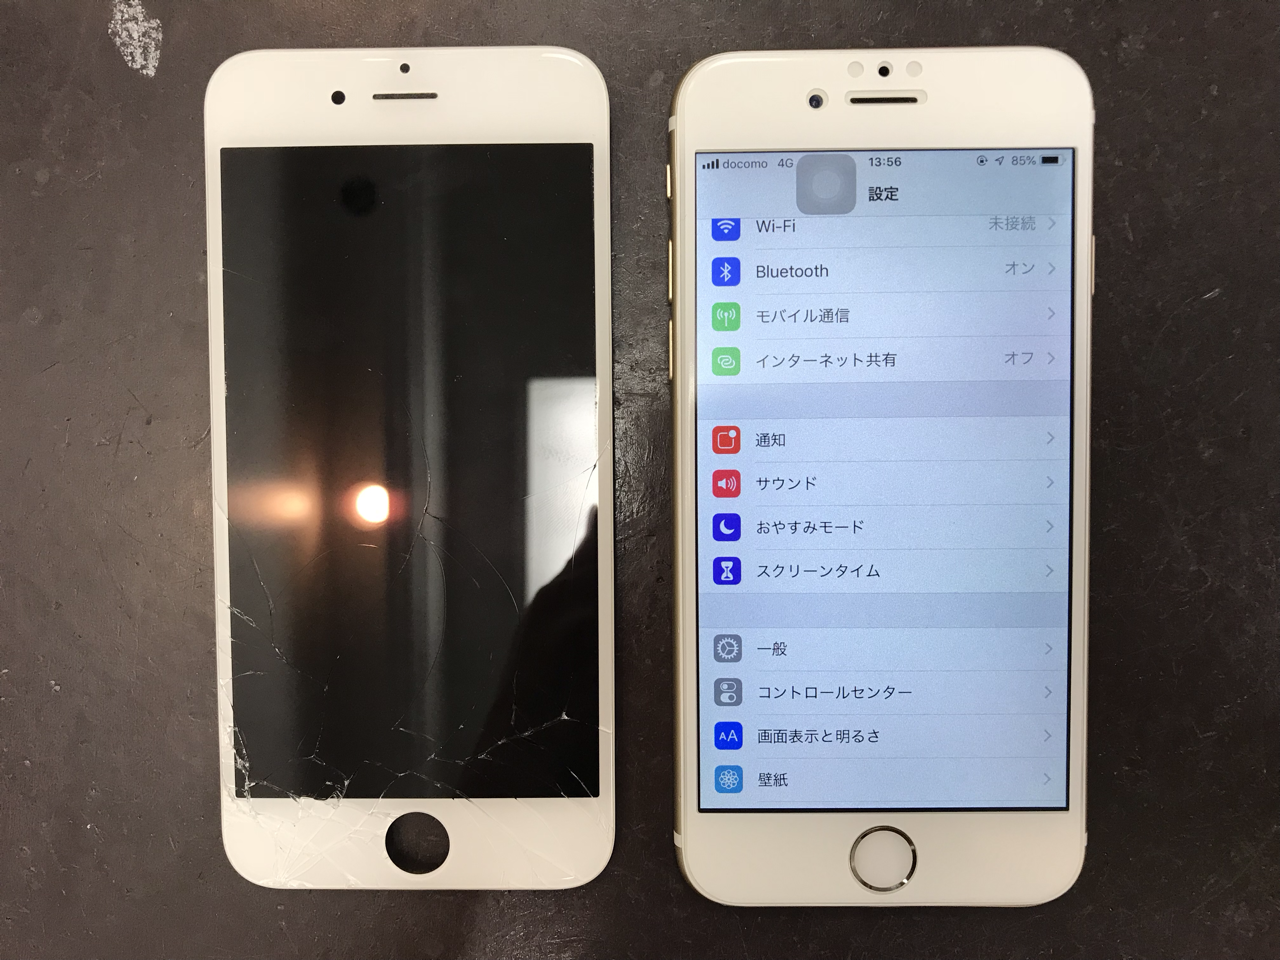 70b3c0f5-5e6e-4166-85f3-deb51068ae9d_1542525815_2050641848 液晶部分にまで割れが広がったiPhone6の画面交換です!